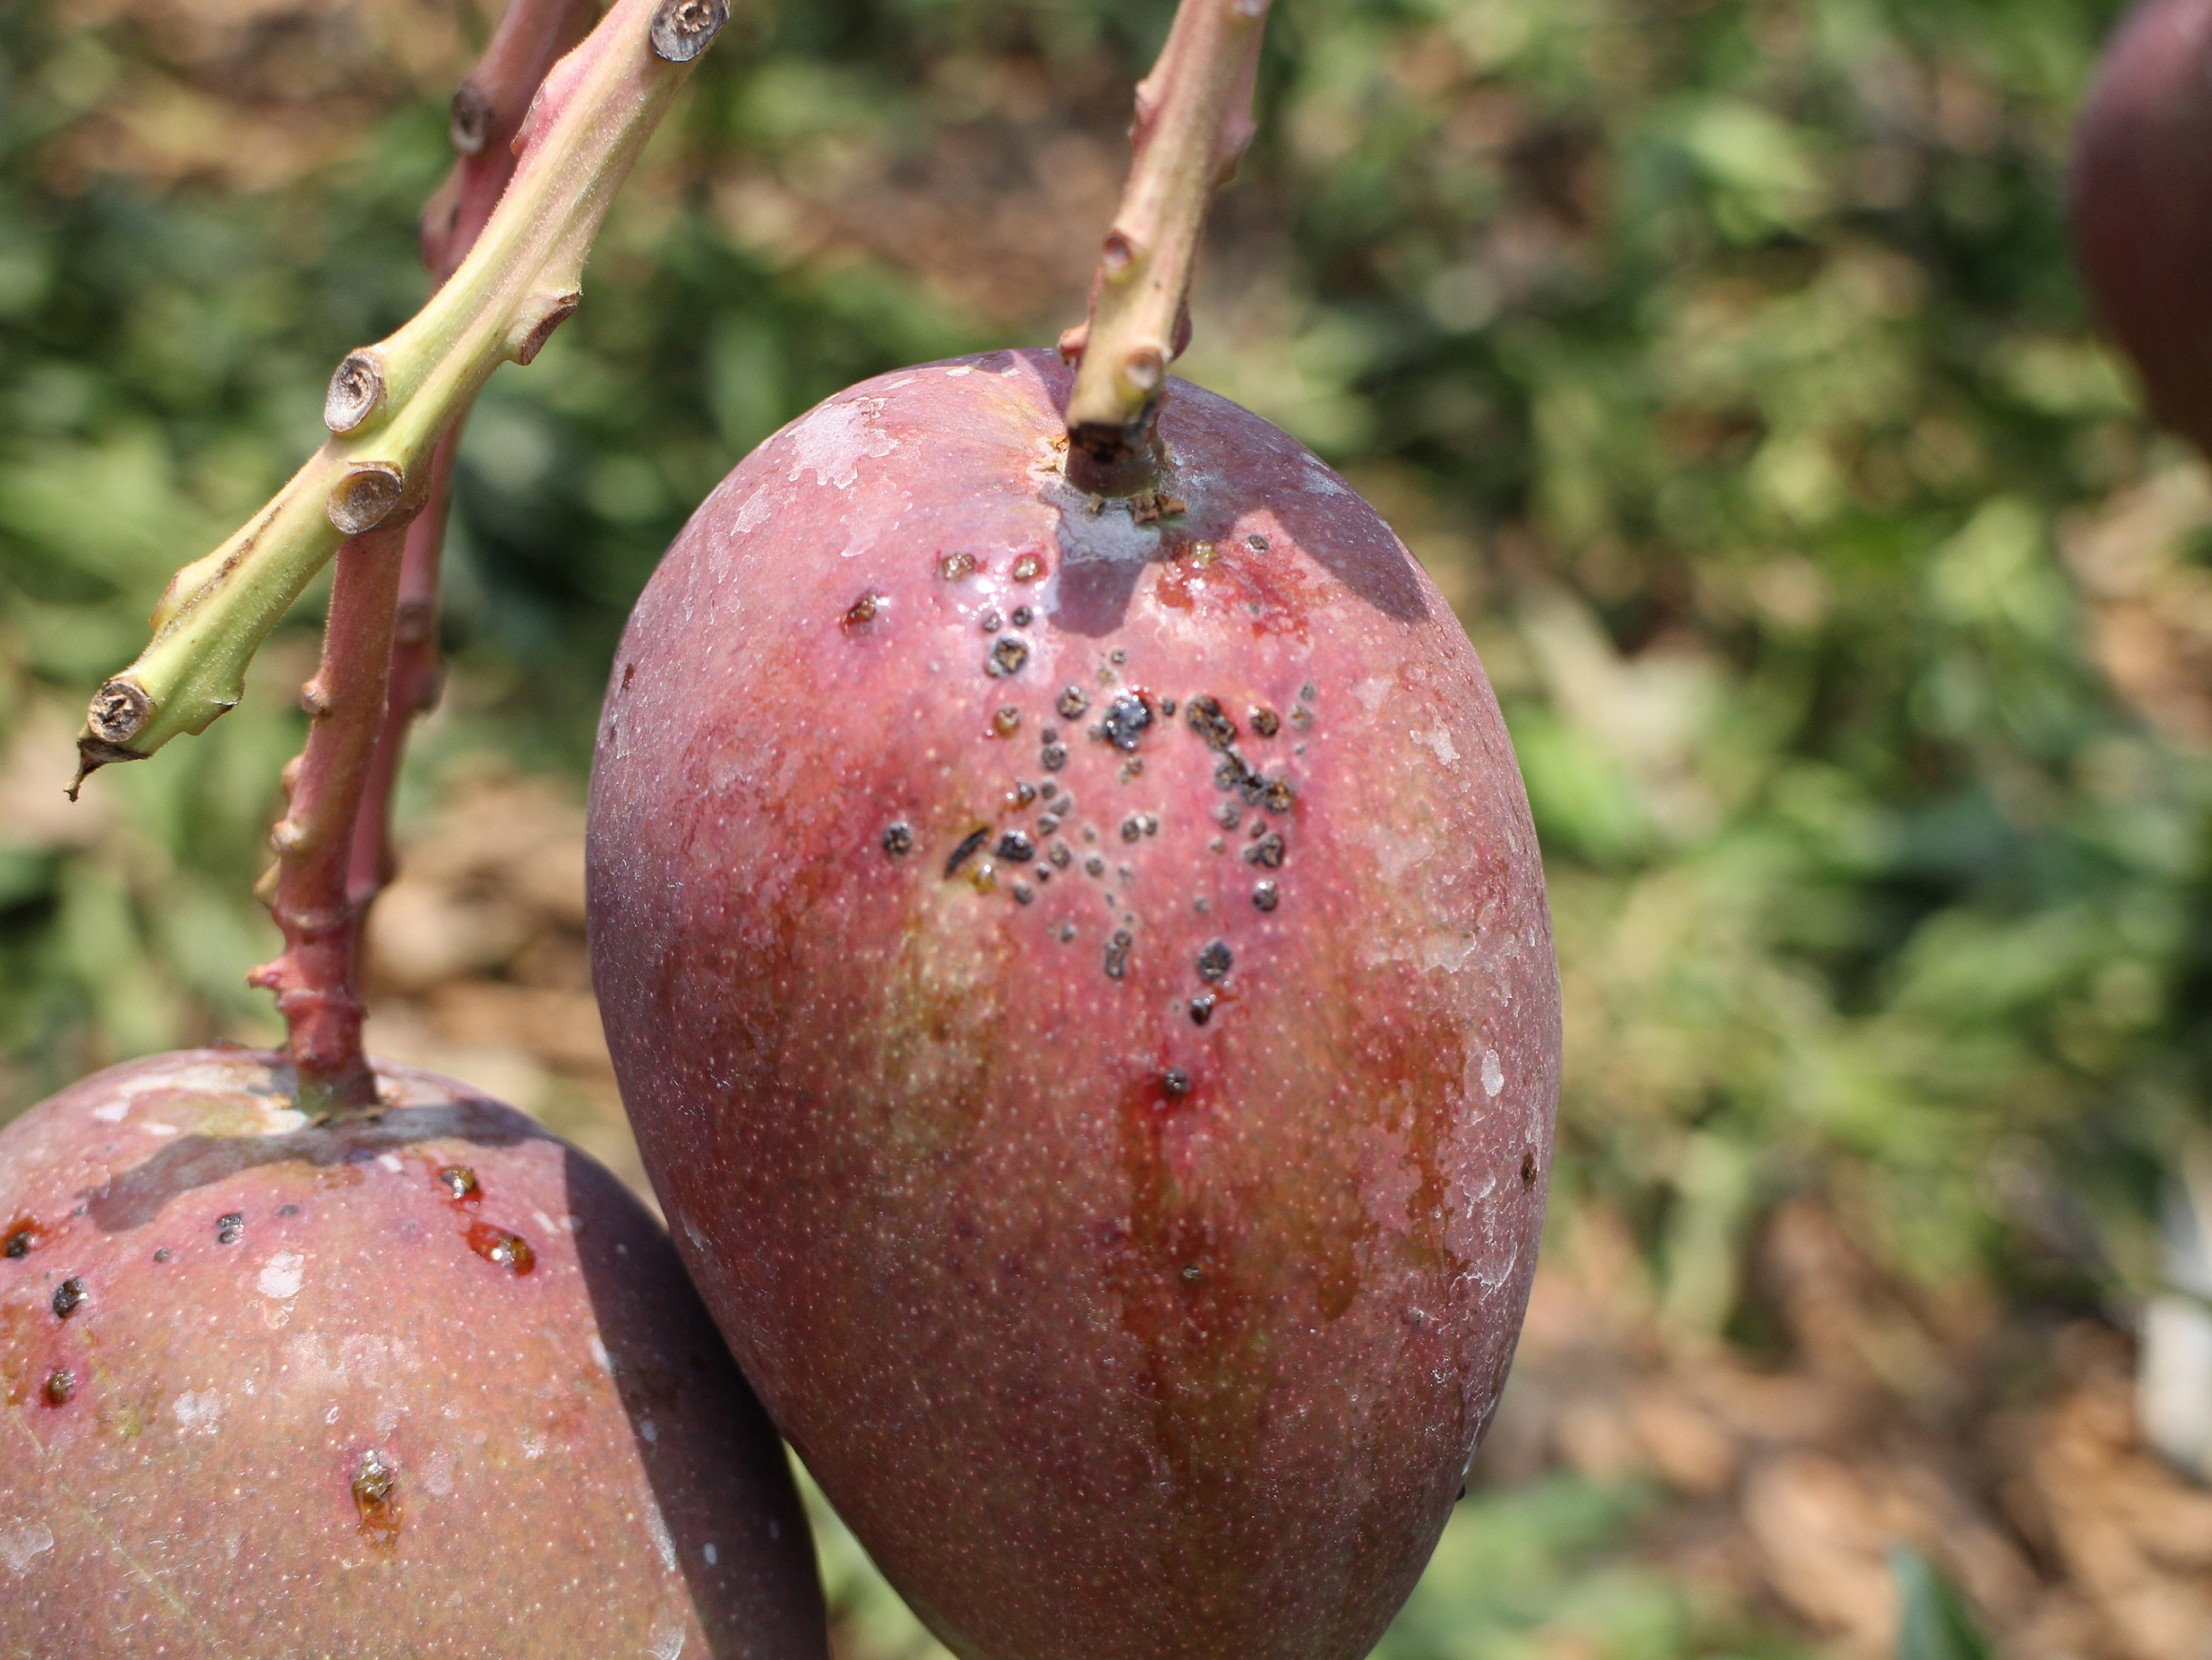 芒果黑斑病於果實上呈黑色點狀突起,嚴重時破裂流膠。